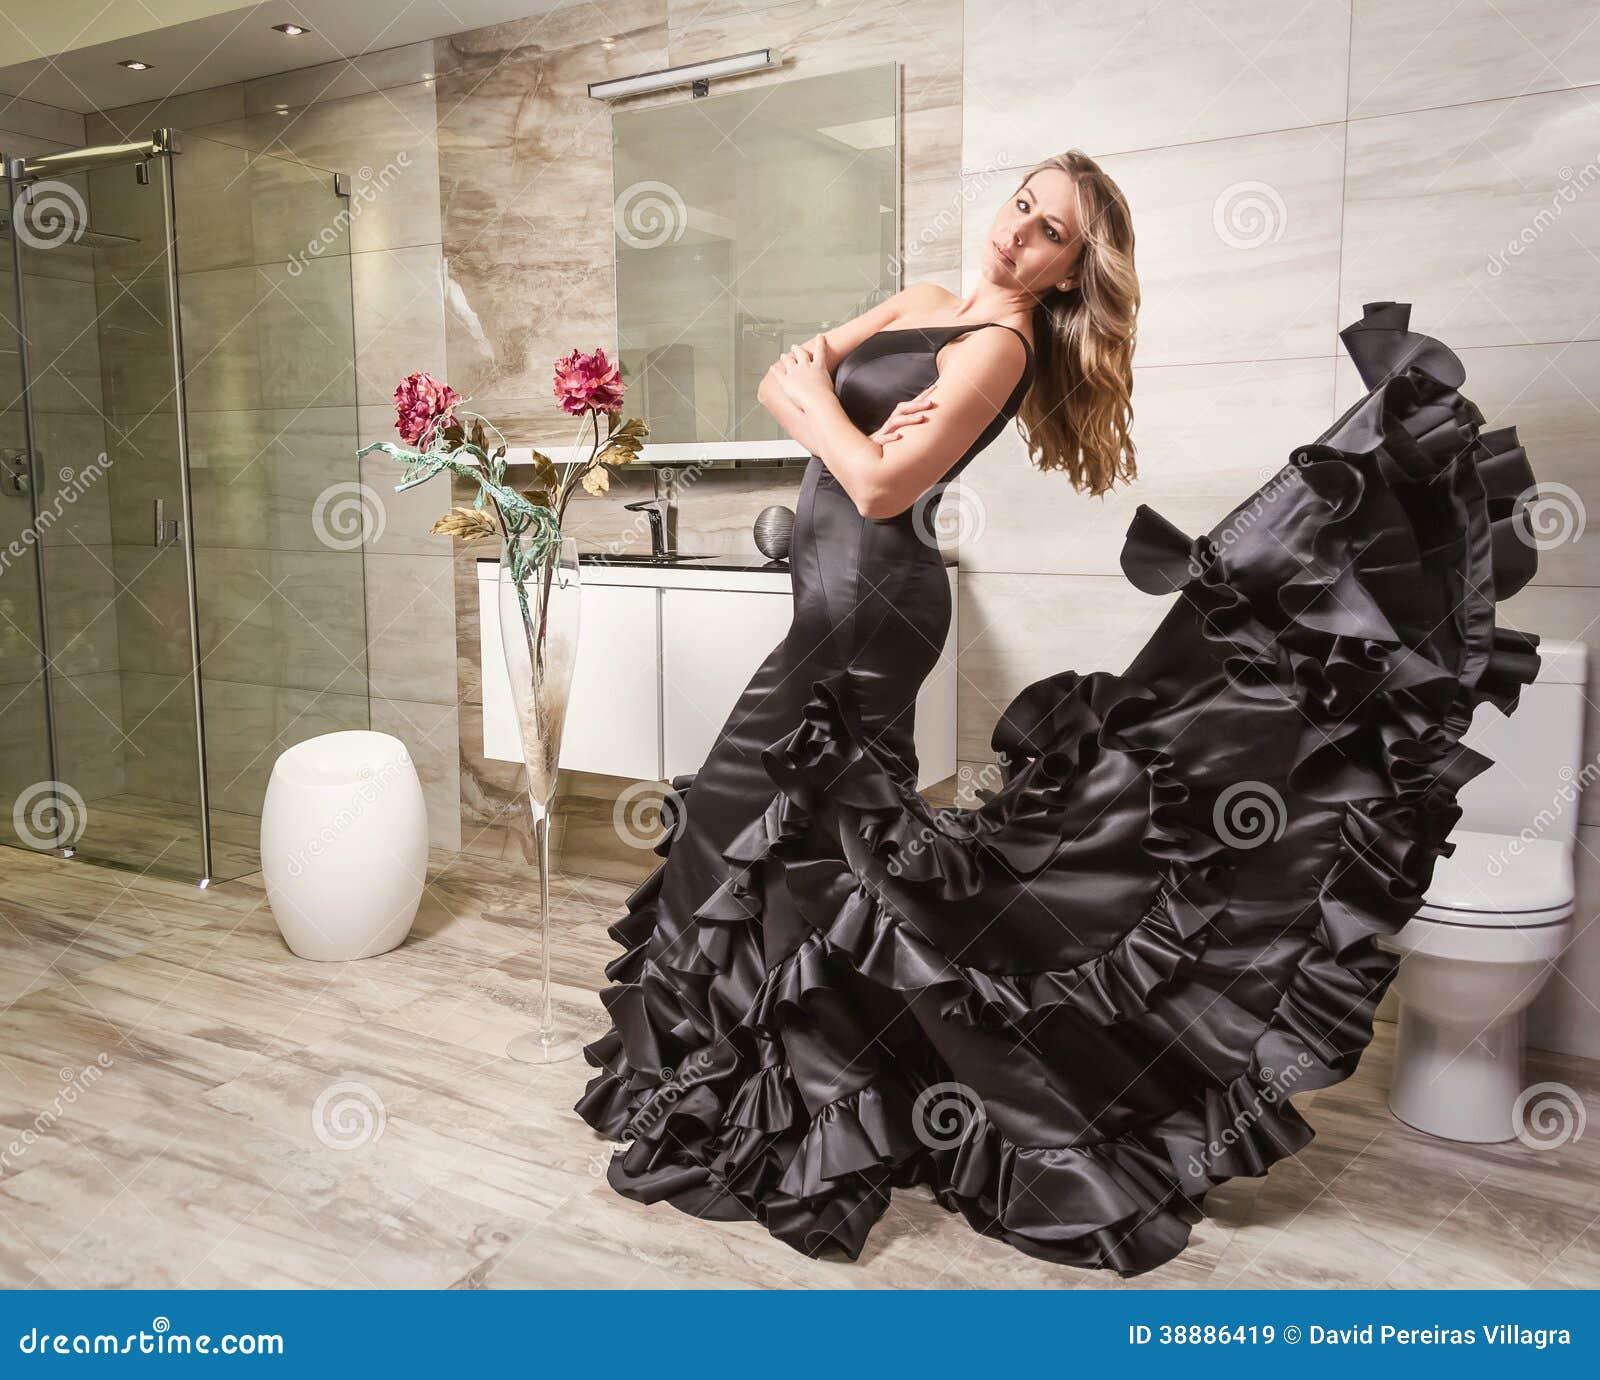 Ragazza con il vestito spagnolo da flamenco in un bagno immagine stock immagine di vestito - Bagno in spagnolo ...